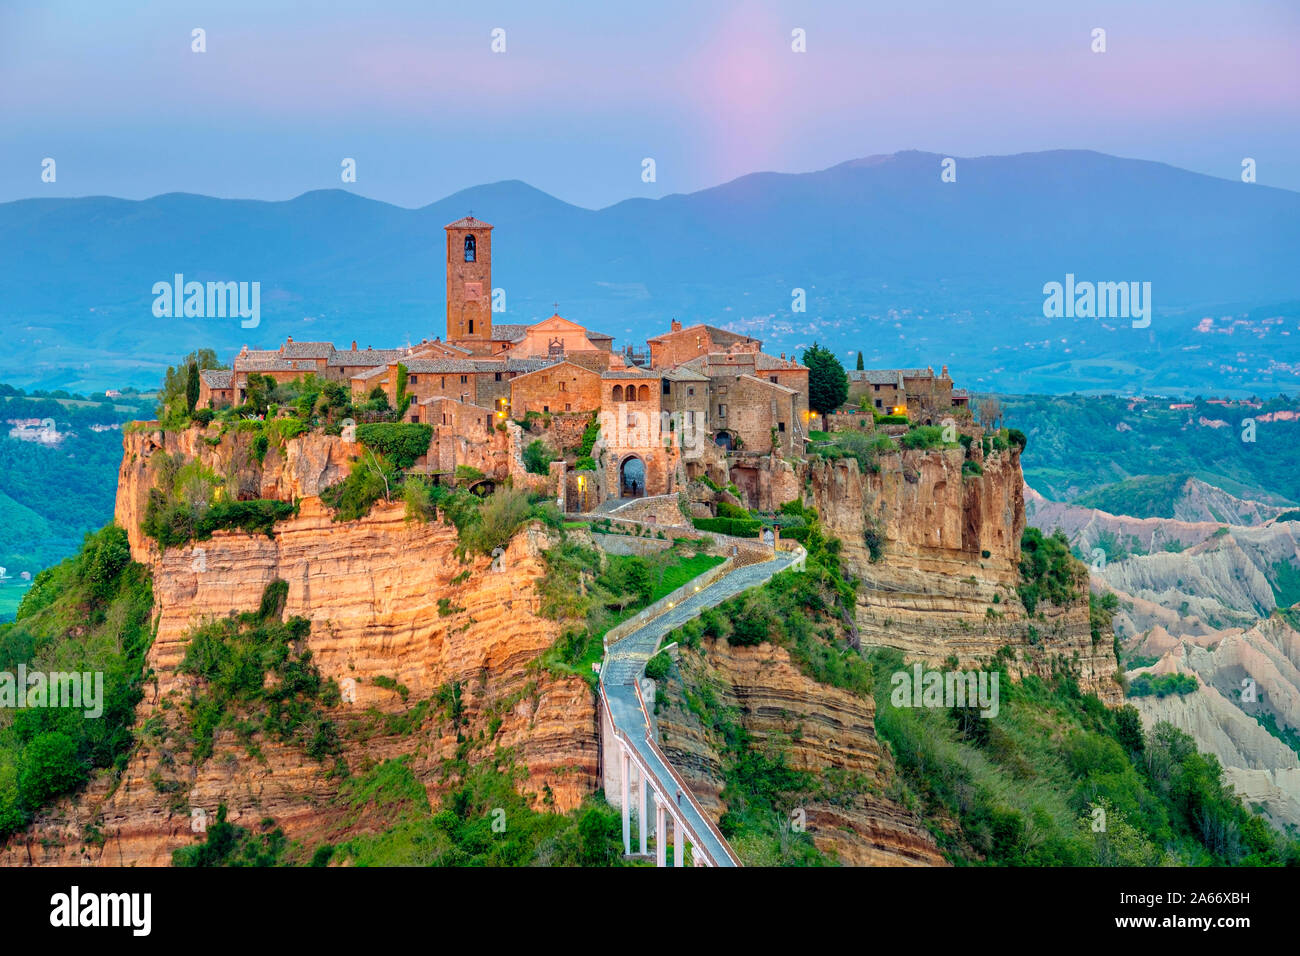 Civita di Bagnoregio al tramonto, Bagnoregio, Lazio, l'Italia, l'Europa. Foto Stock